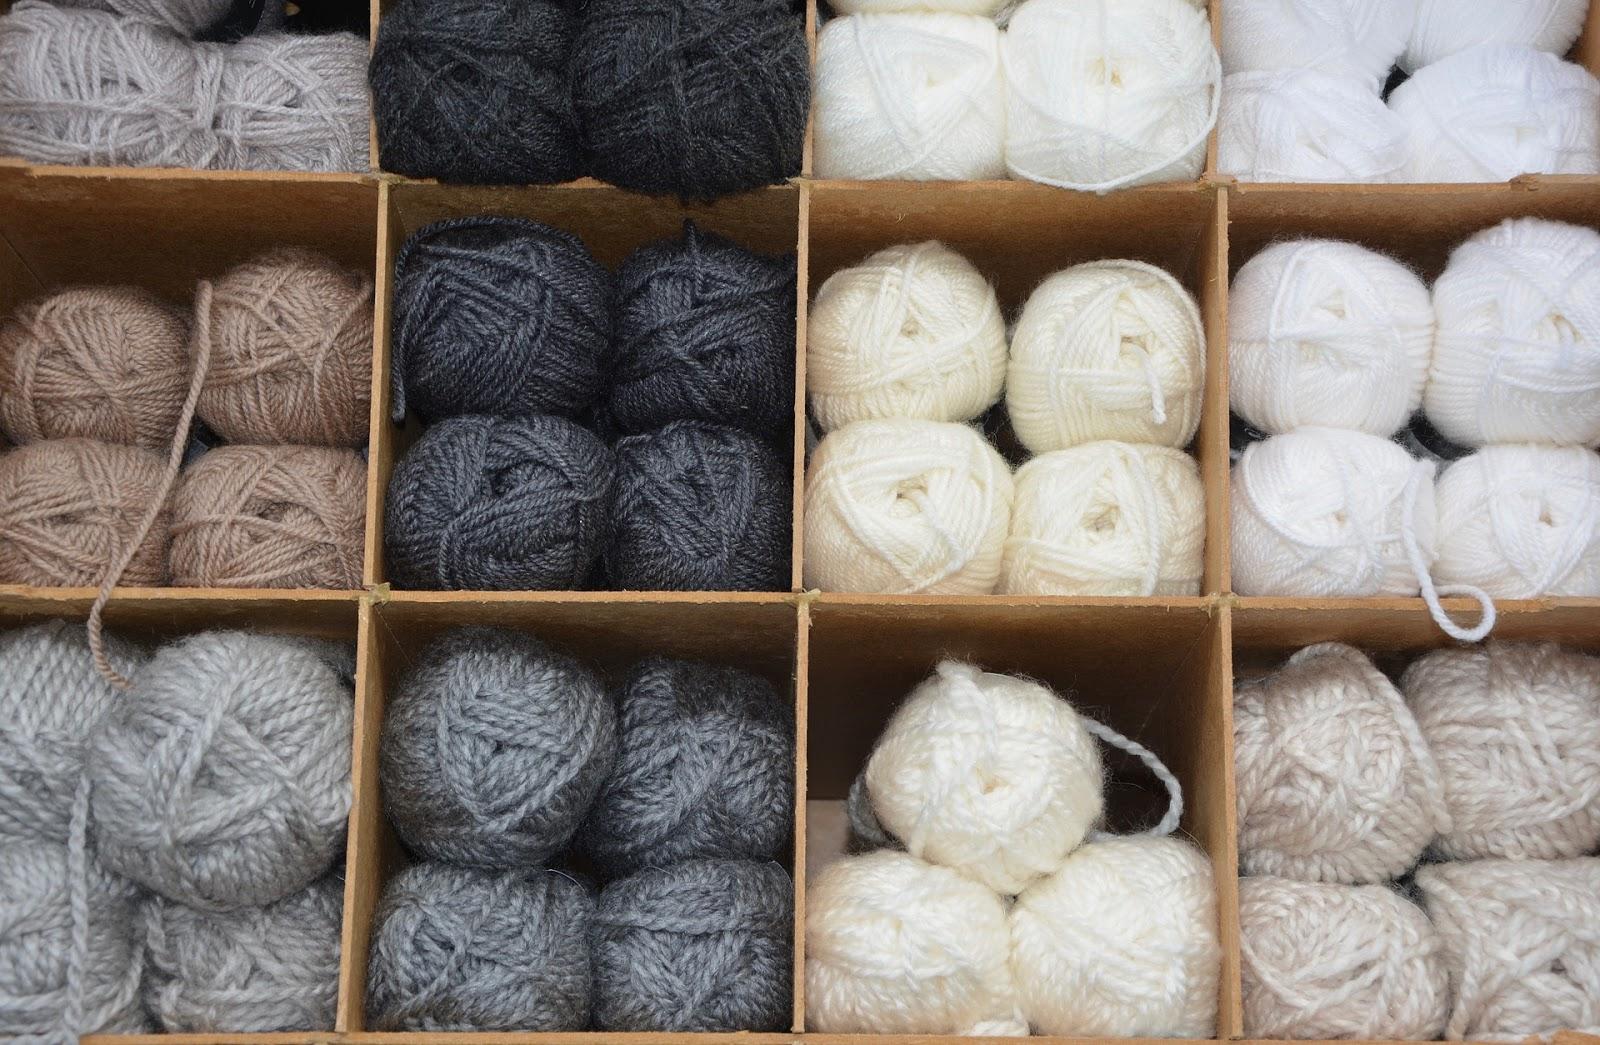 Kleines Faserlexikon - Alles rund um die Pflanzenfasern Baumwolle, Leinen, Kapok & Co.